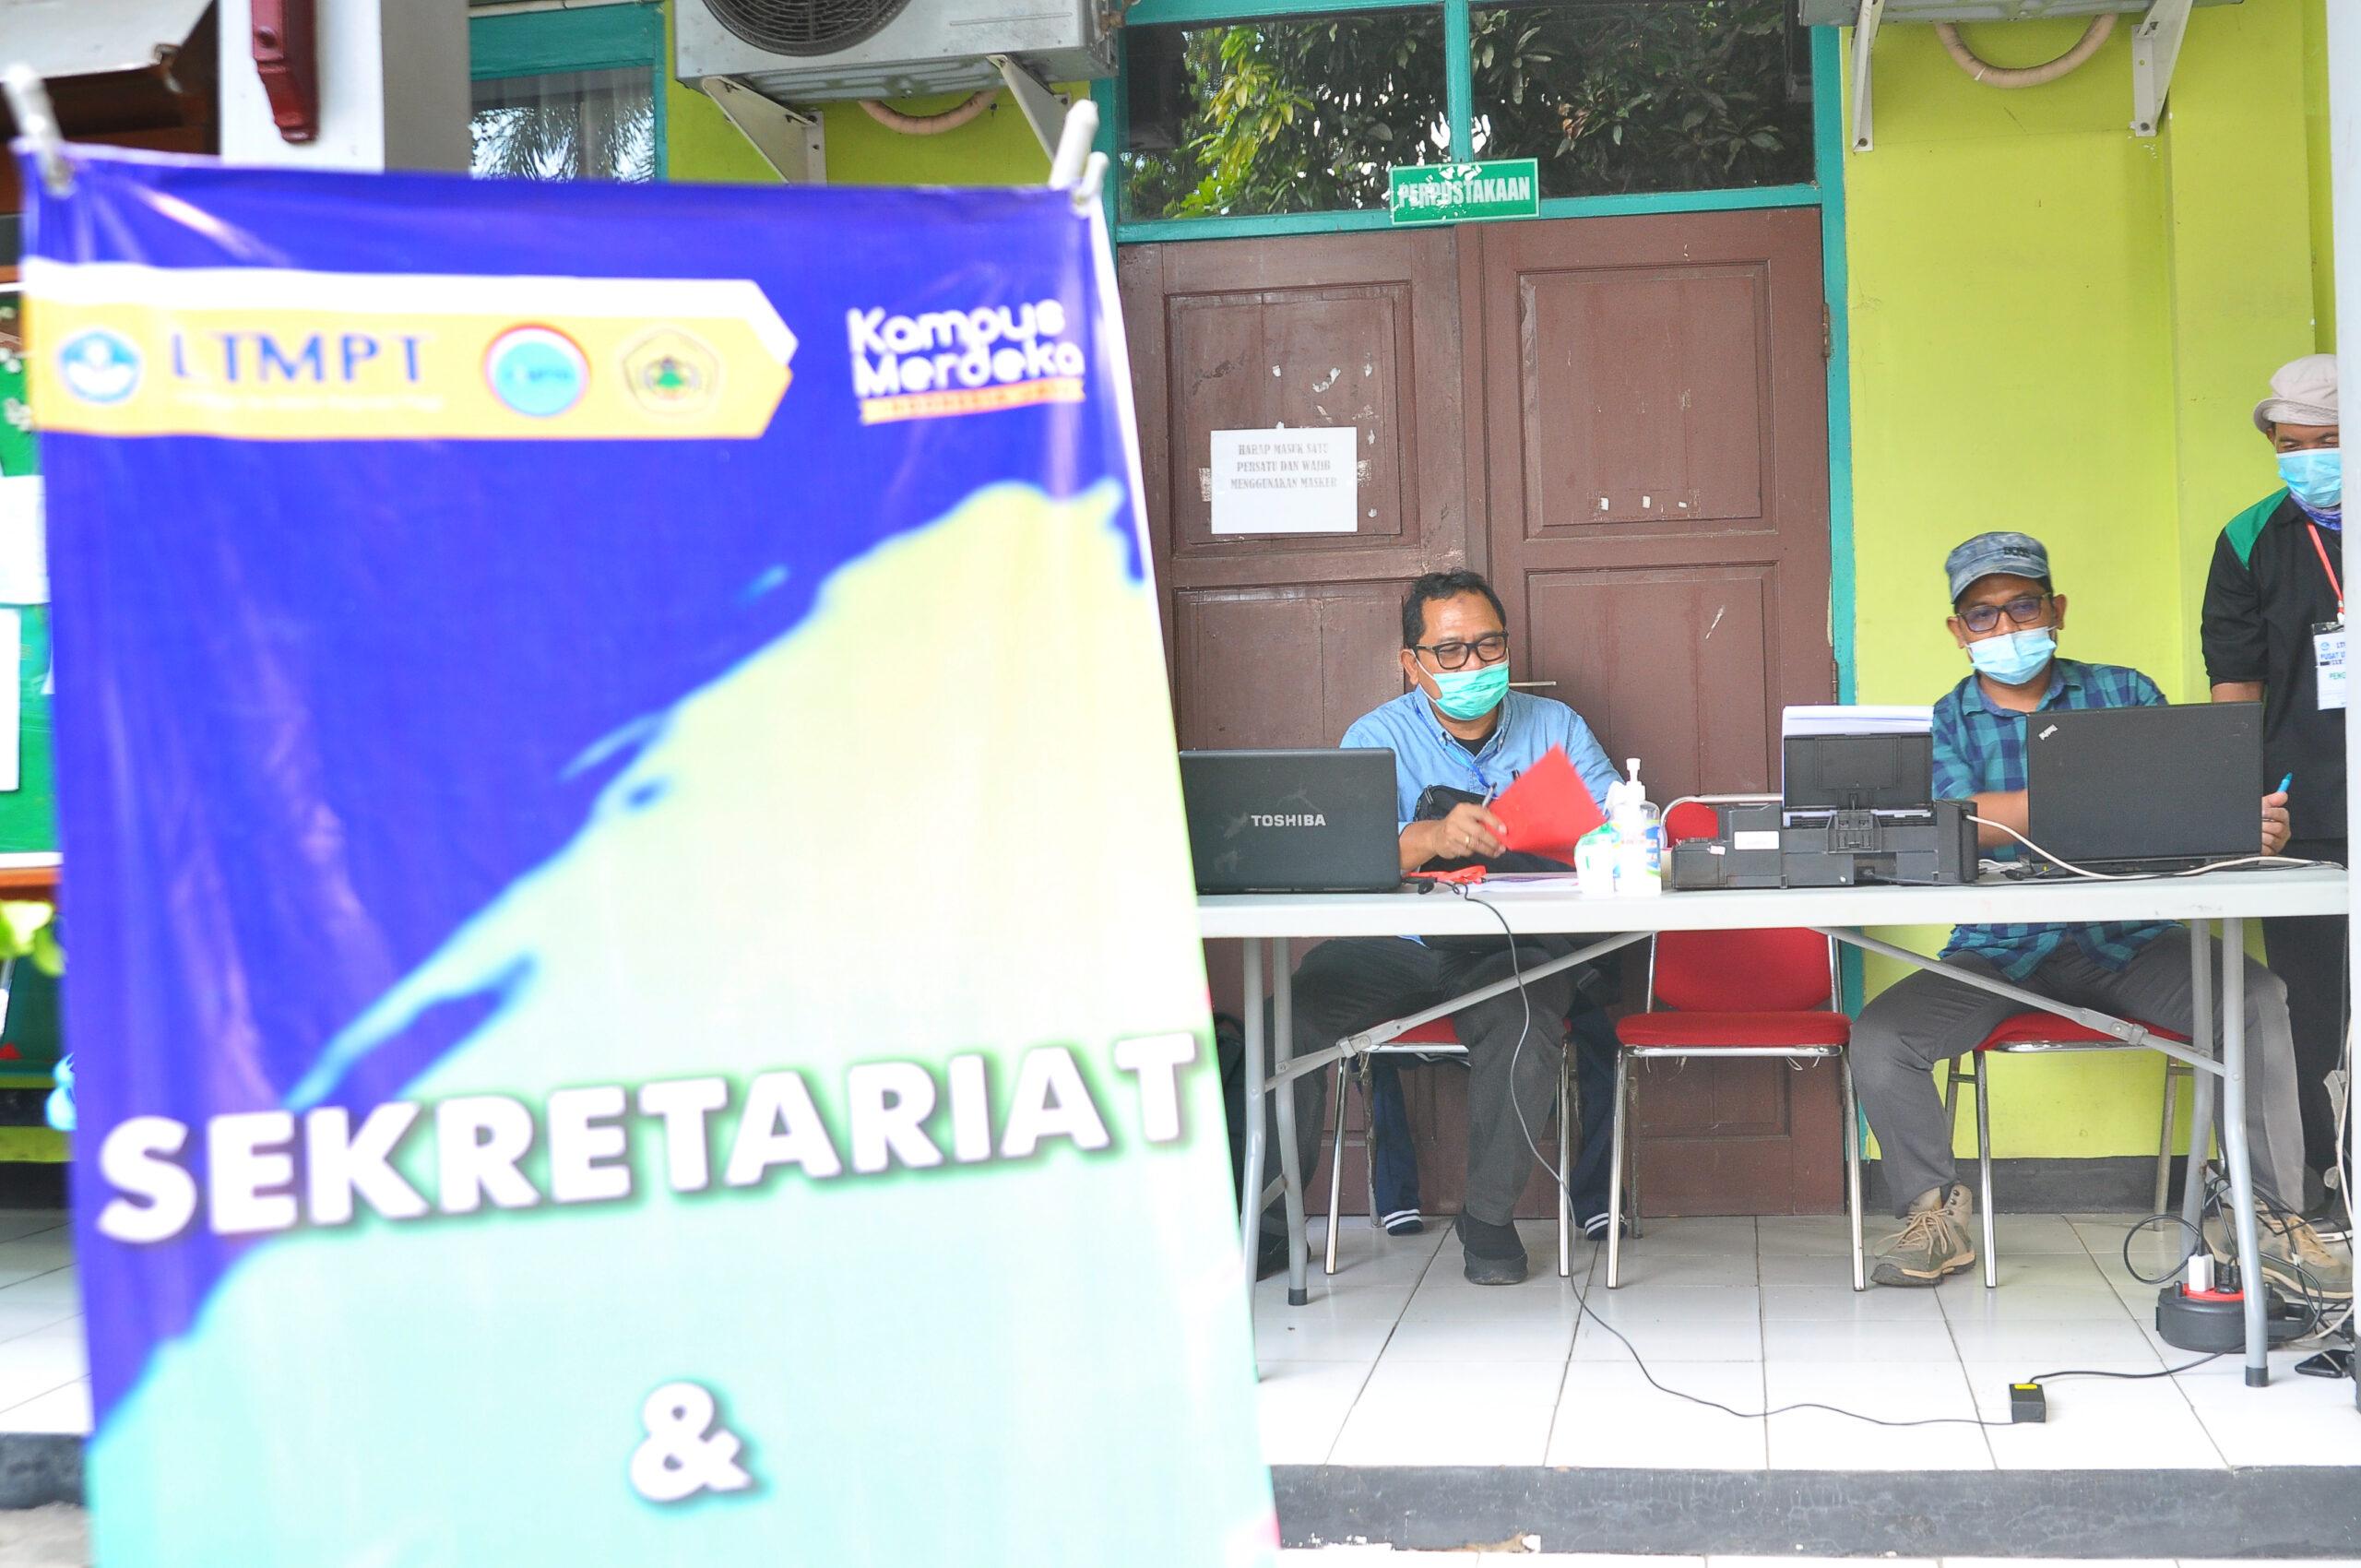 Pelaksanaan UTBK Hari Ketiga Di Pusat UTBK 311 Banten/Untirta